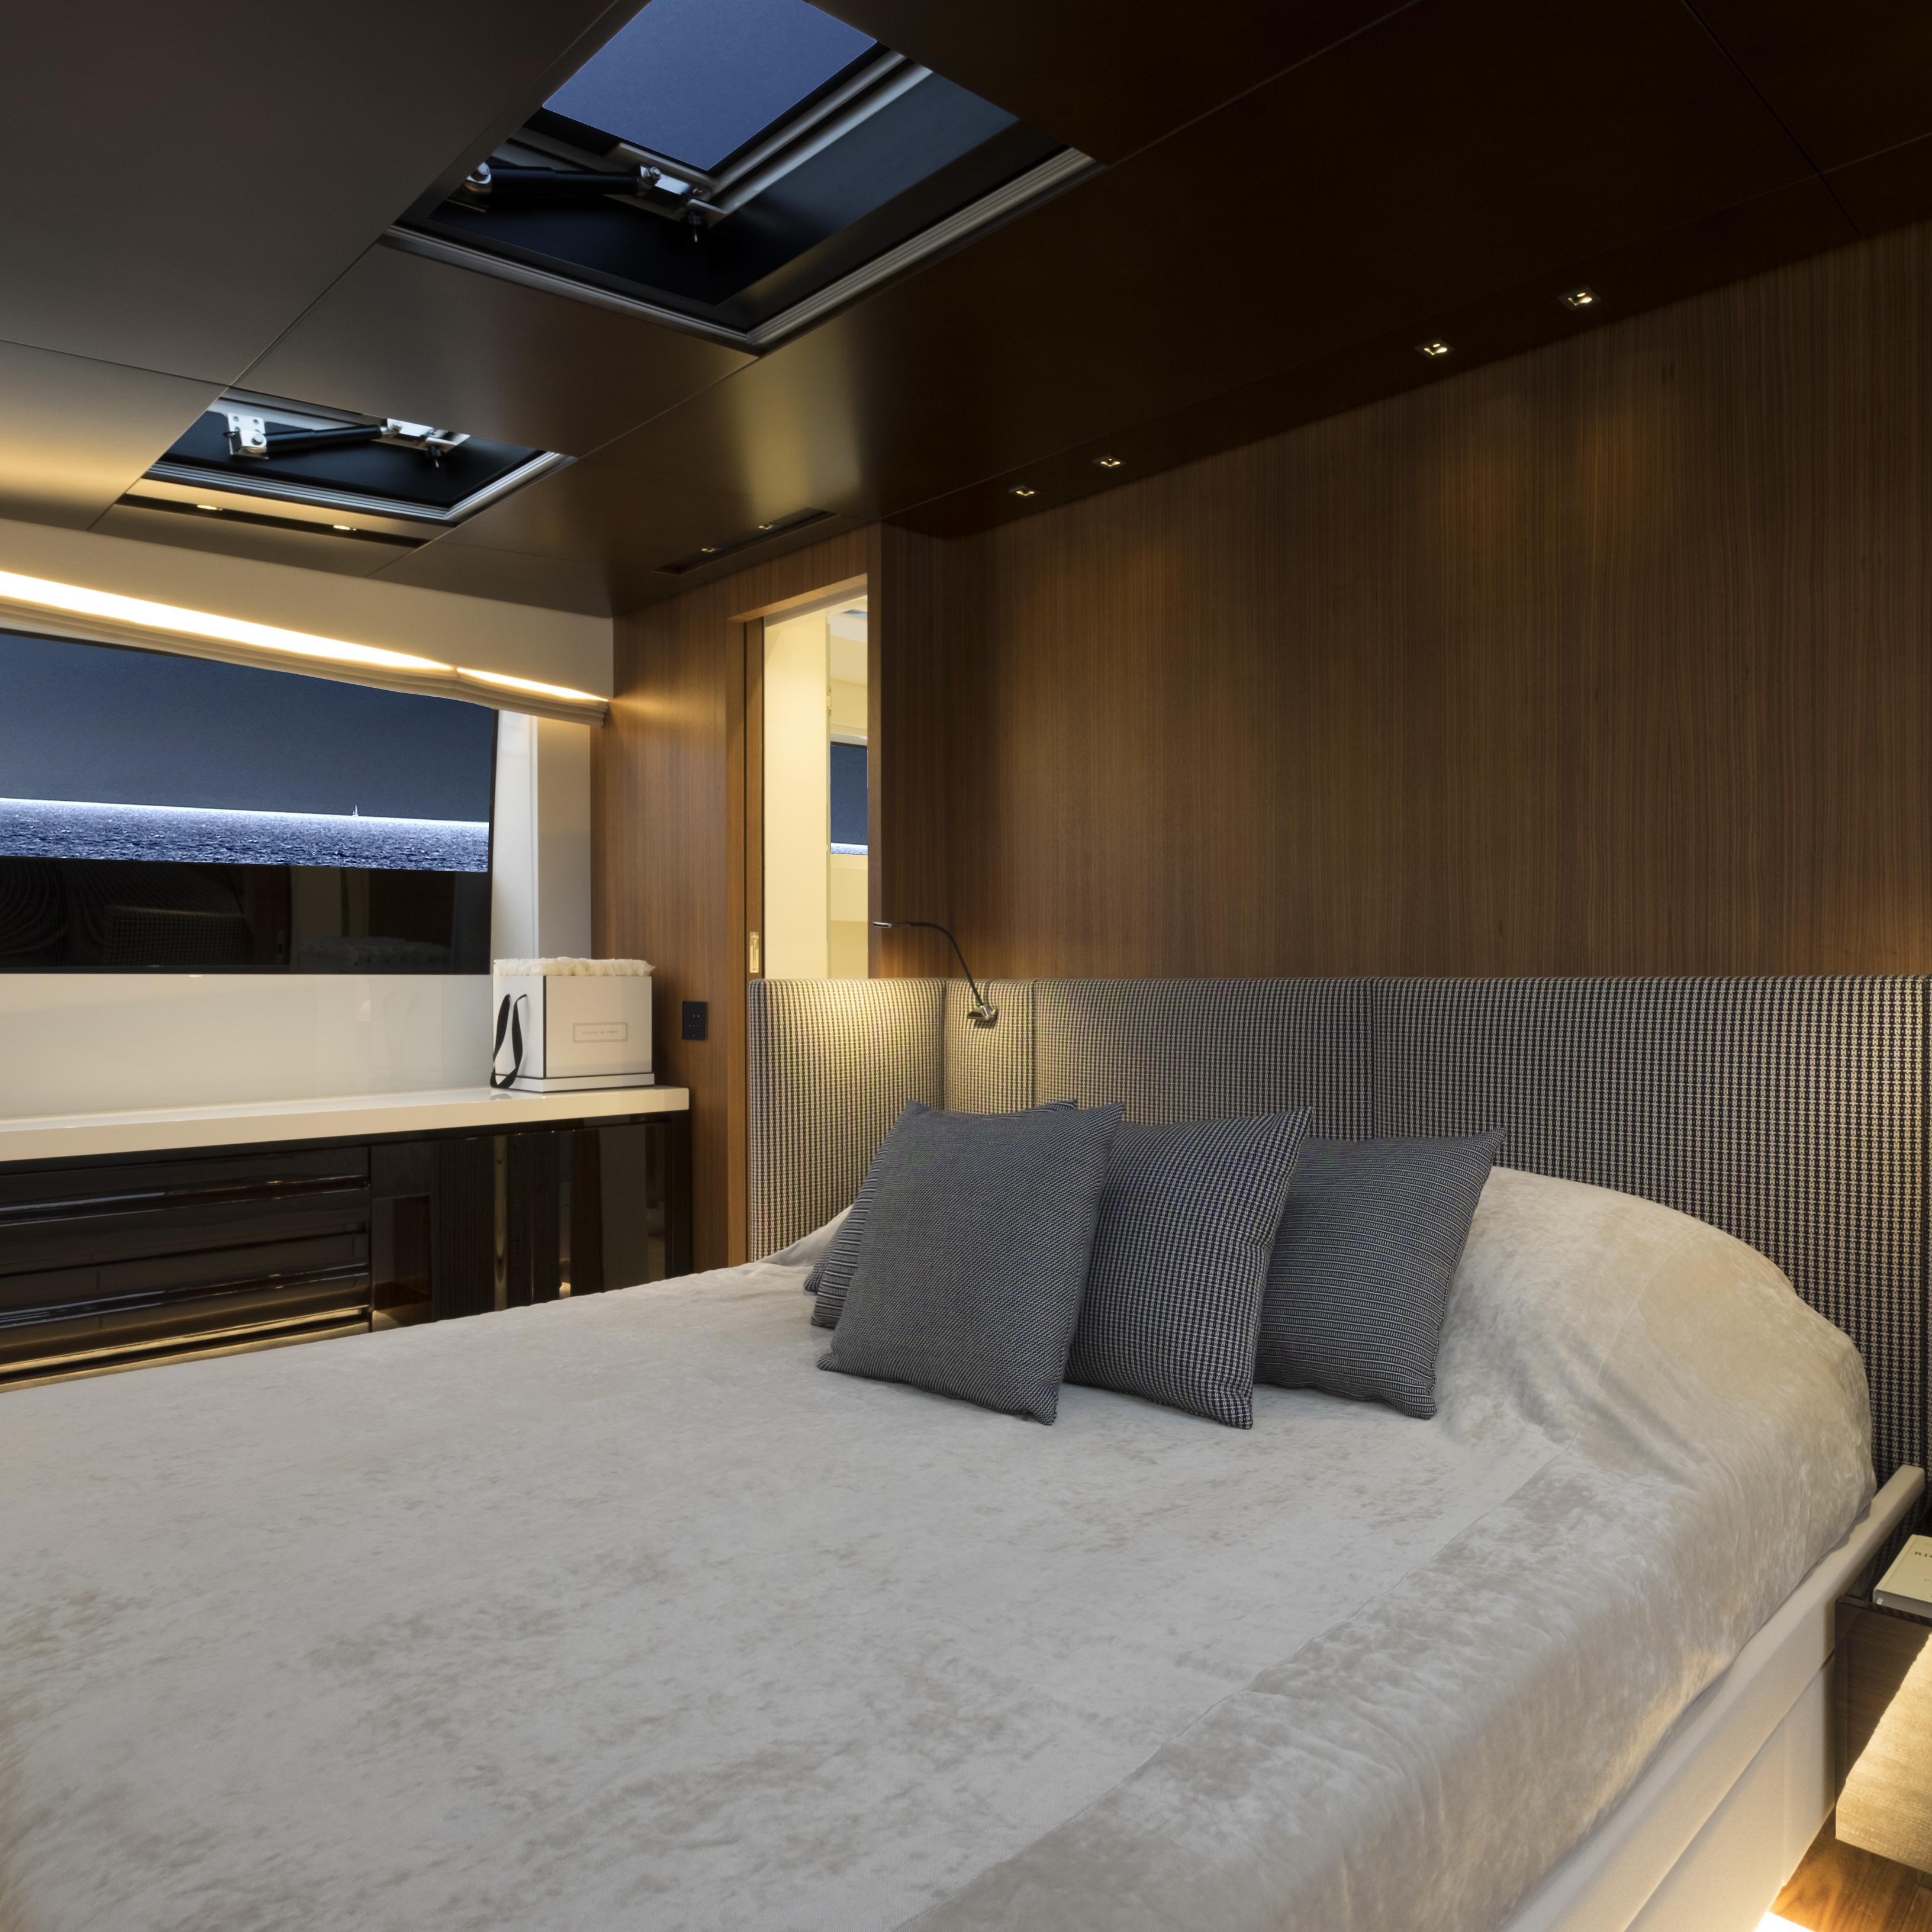 SL 106.644 cabin